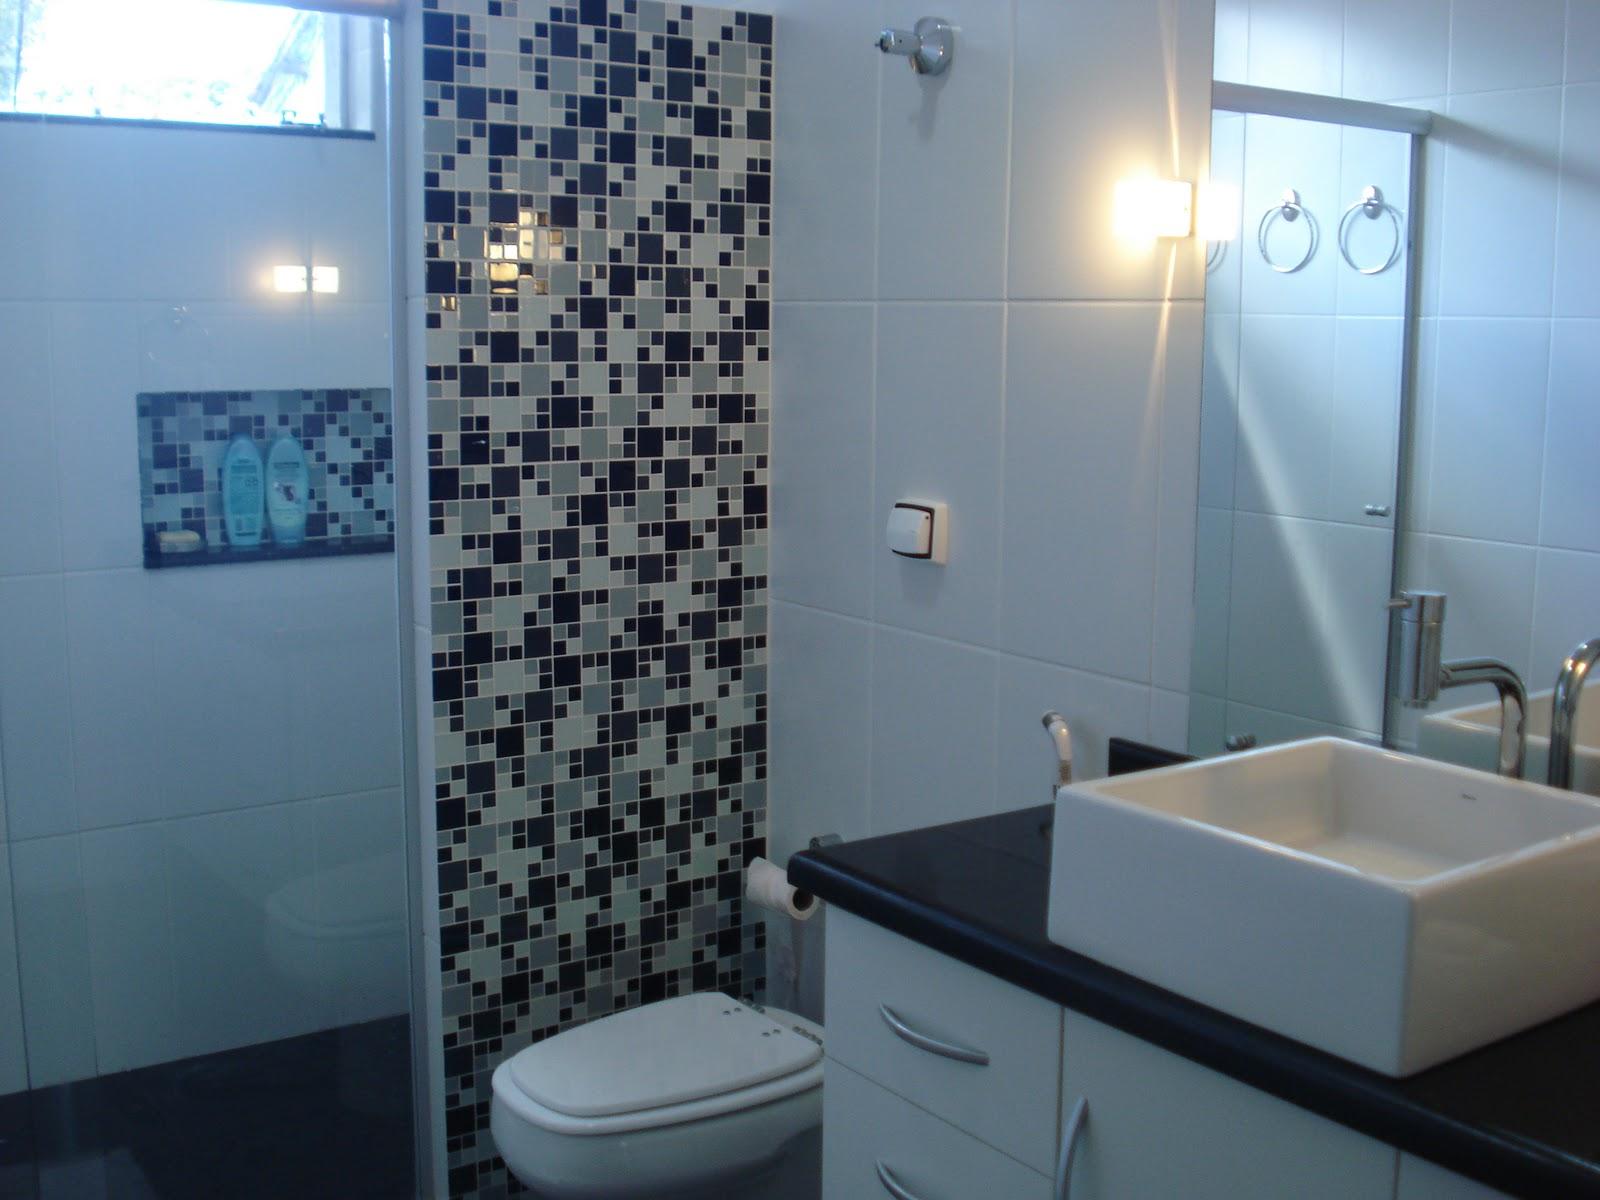 BANHEIRO PASTILHAS DE VIDRO: vamos brincar de decorar!   #3A6991 1600x1200 Banheiro Com Pastilhas Marron